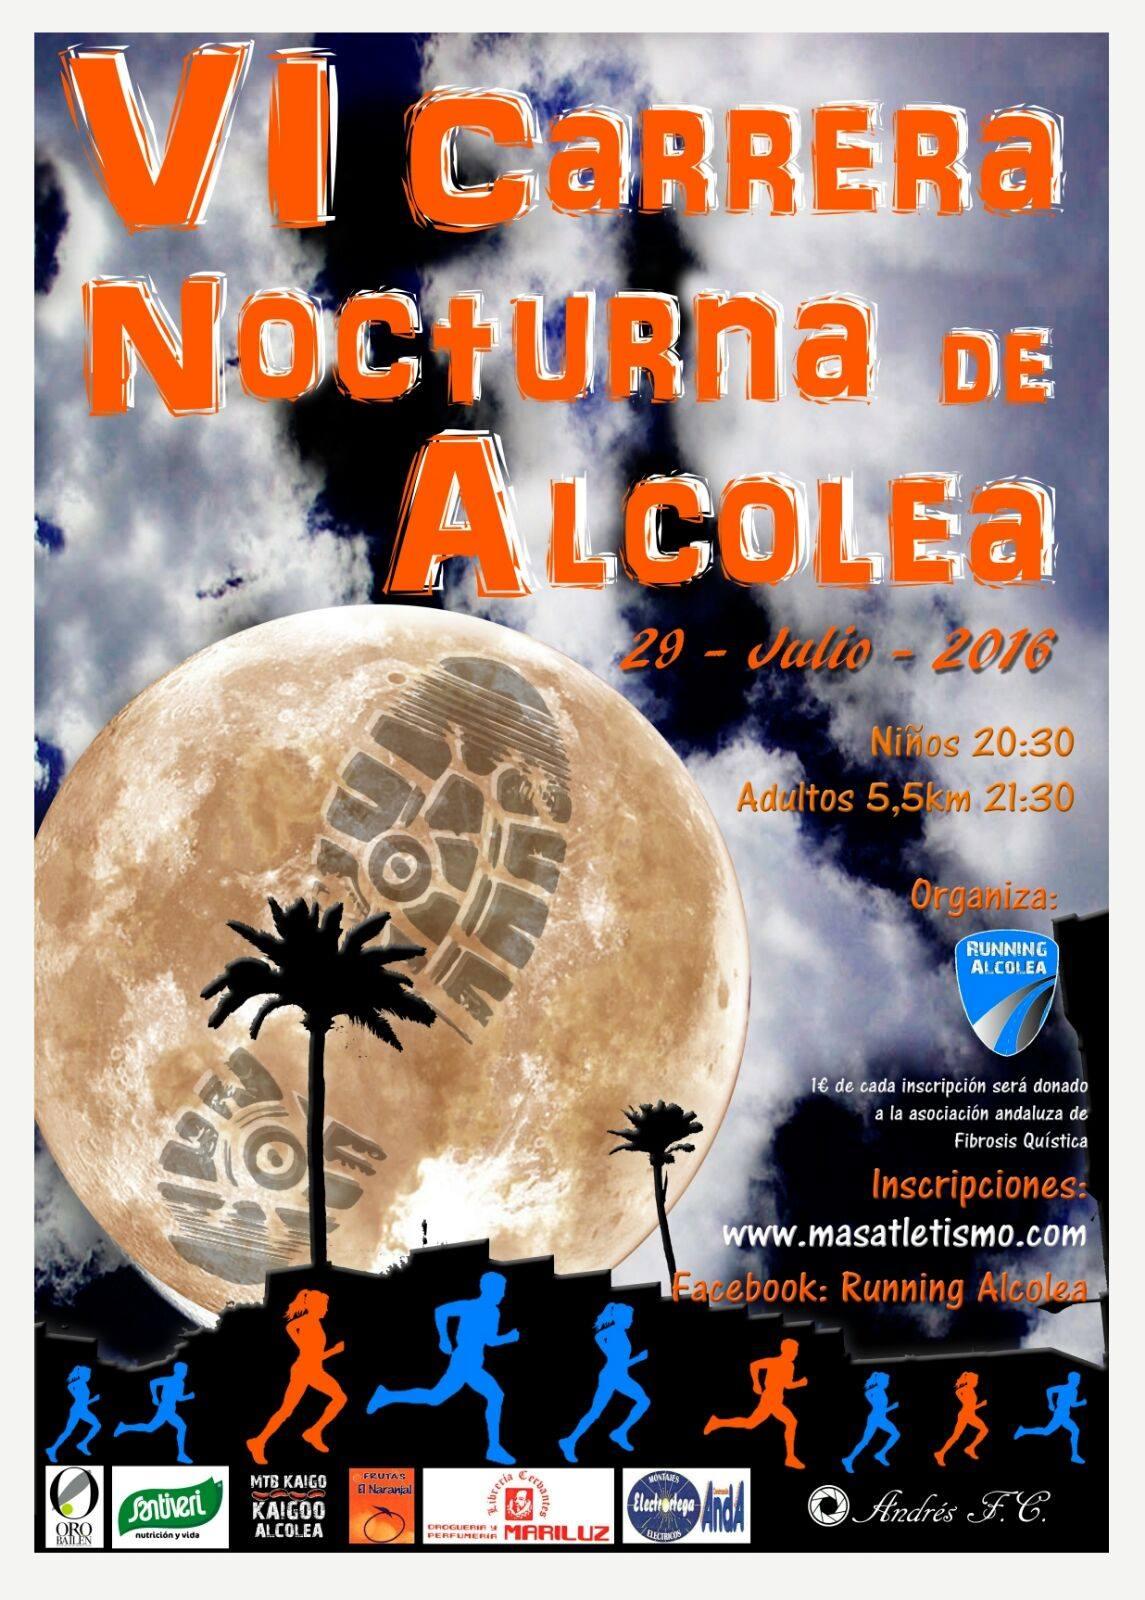 La VI Carrera Nocturna de Alcolea colabora con la Asociación Andaluza de Fibrosis Quística